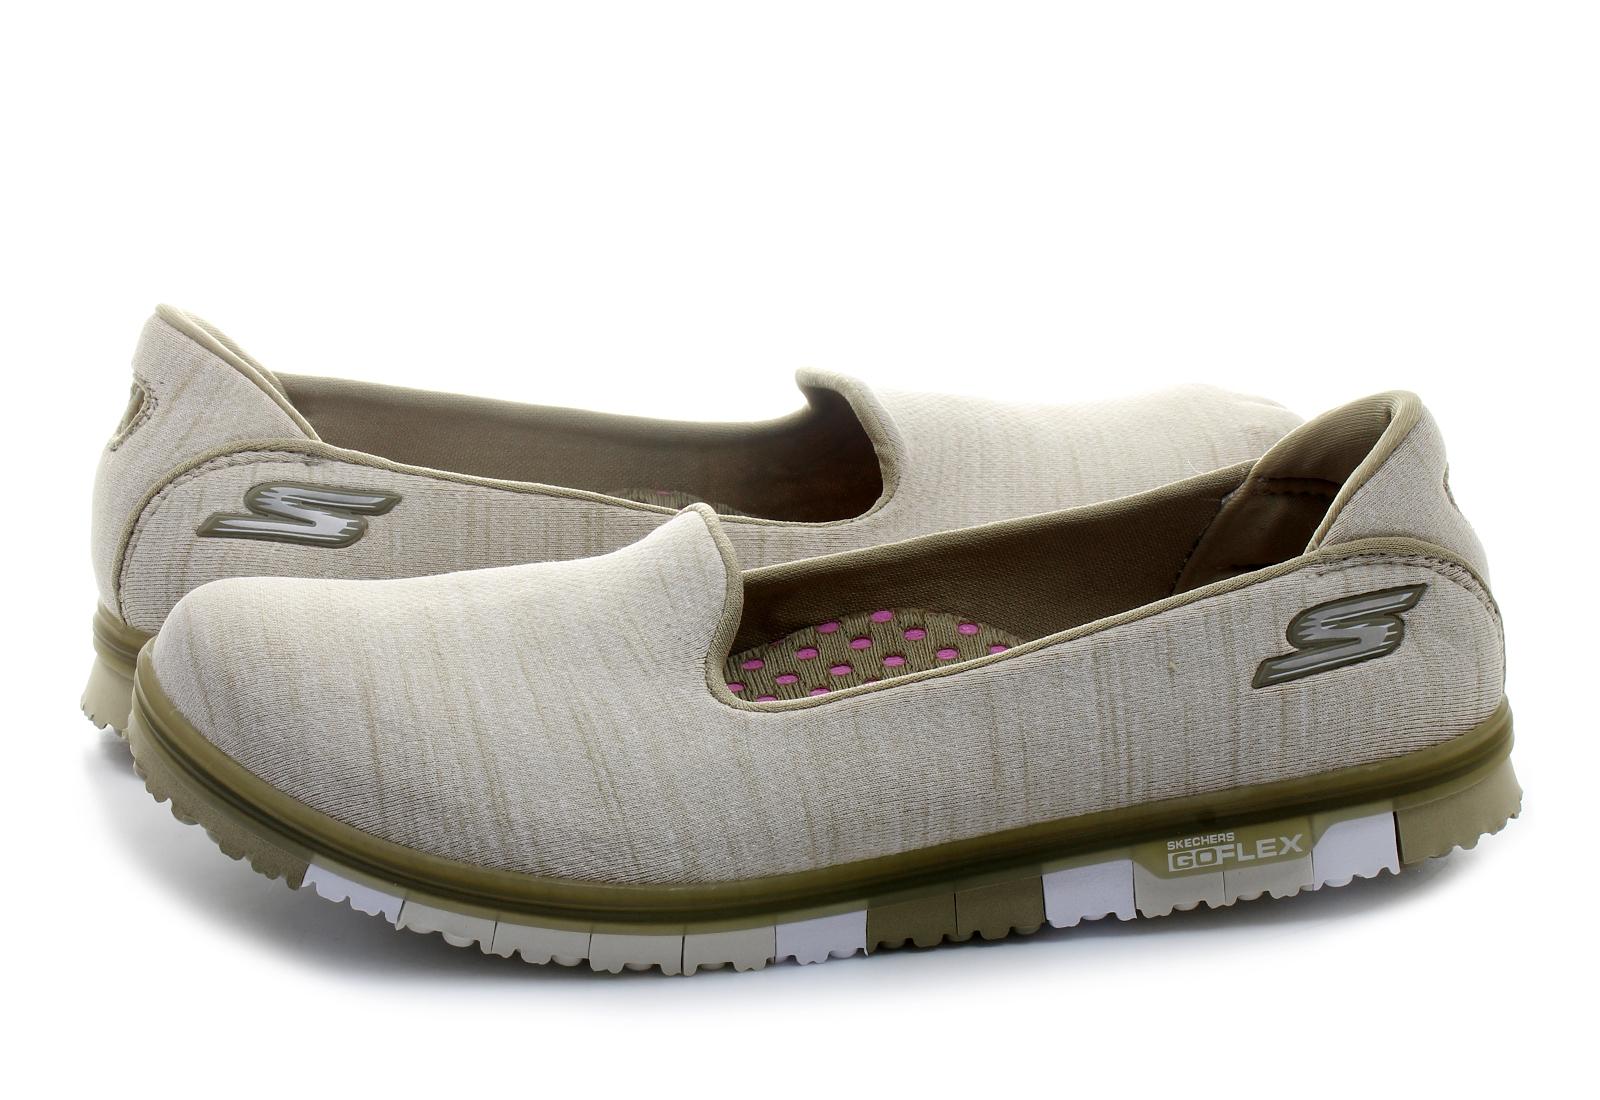 c40318bf0ad4 Skechers Slip-on - Go Mini Flex - 14009-tpe - Online shop for ...